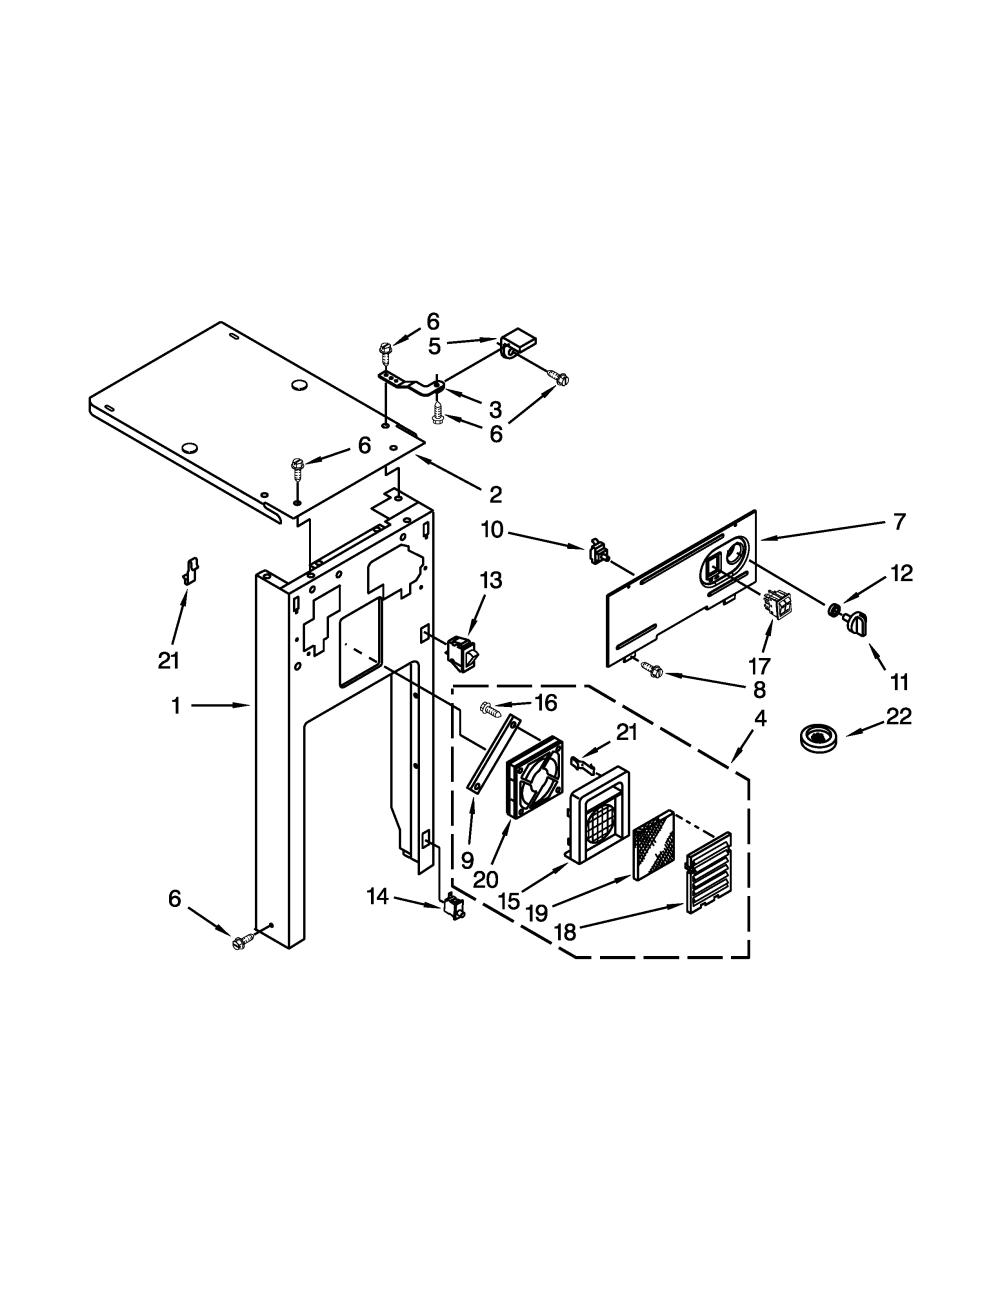 medium resolution of mini cooper 56 2007 wiring diagram mini auto wiring diagram